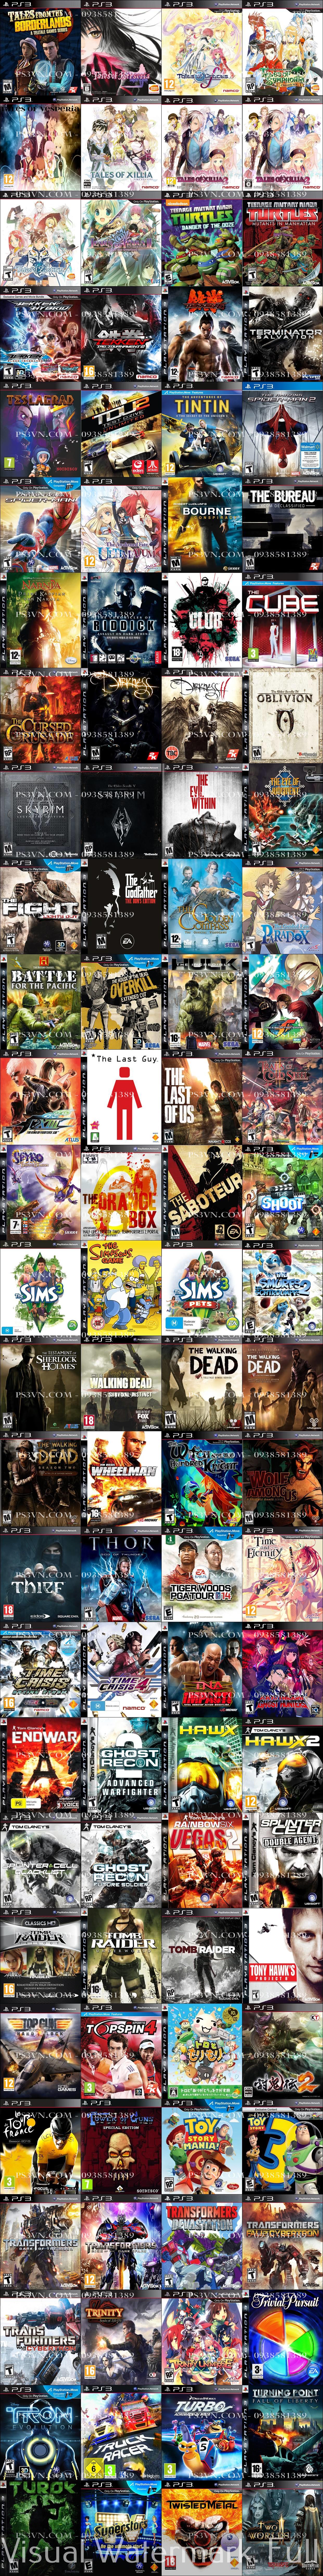 Chép Game PS3 tại nhà giá rẻ nhất TPHCM - PS3VN.COM - 40